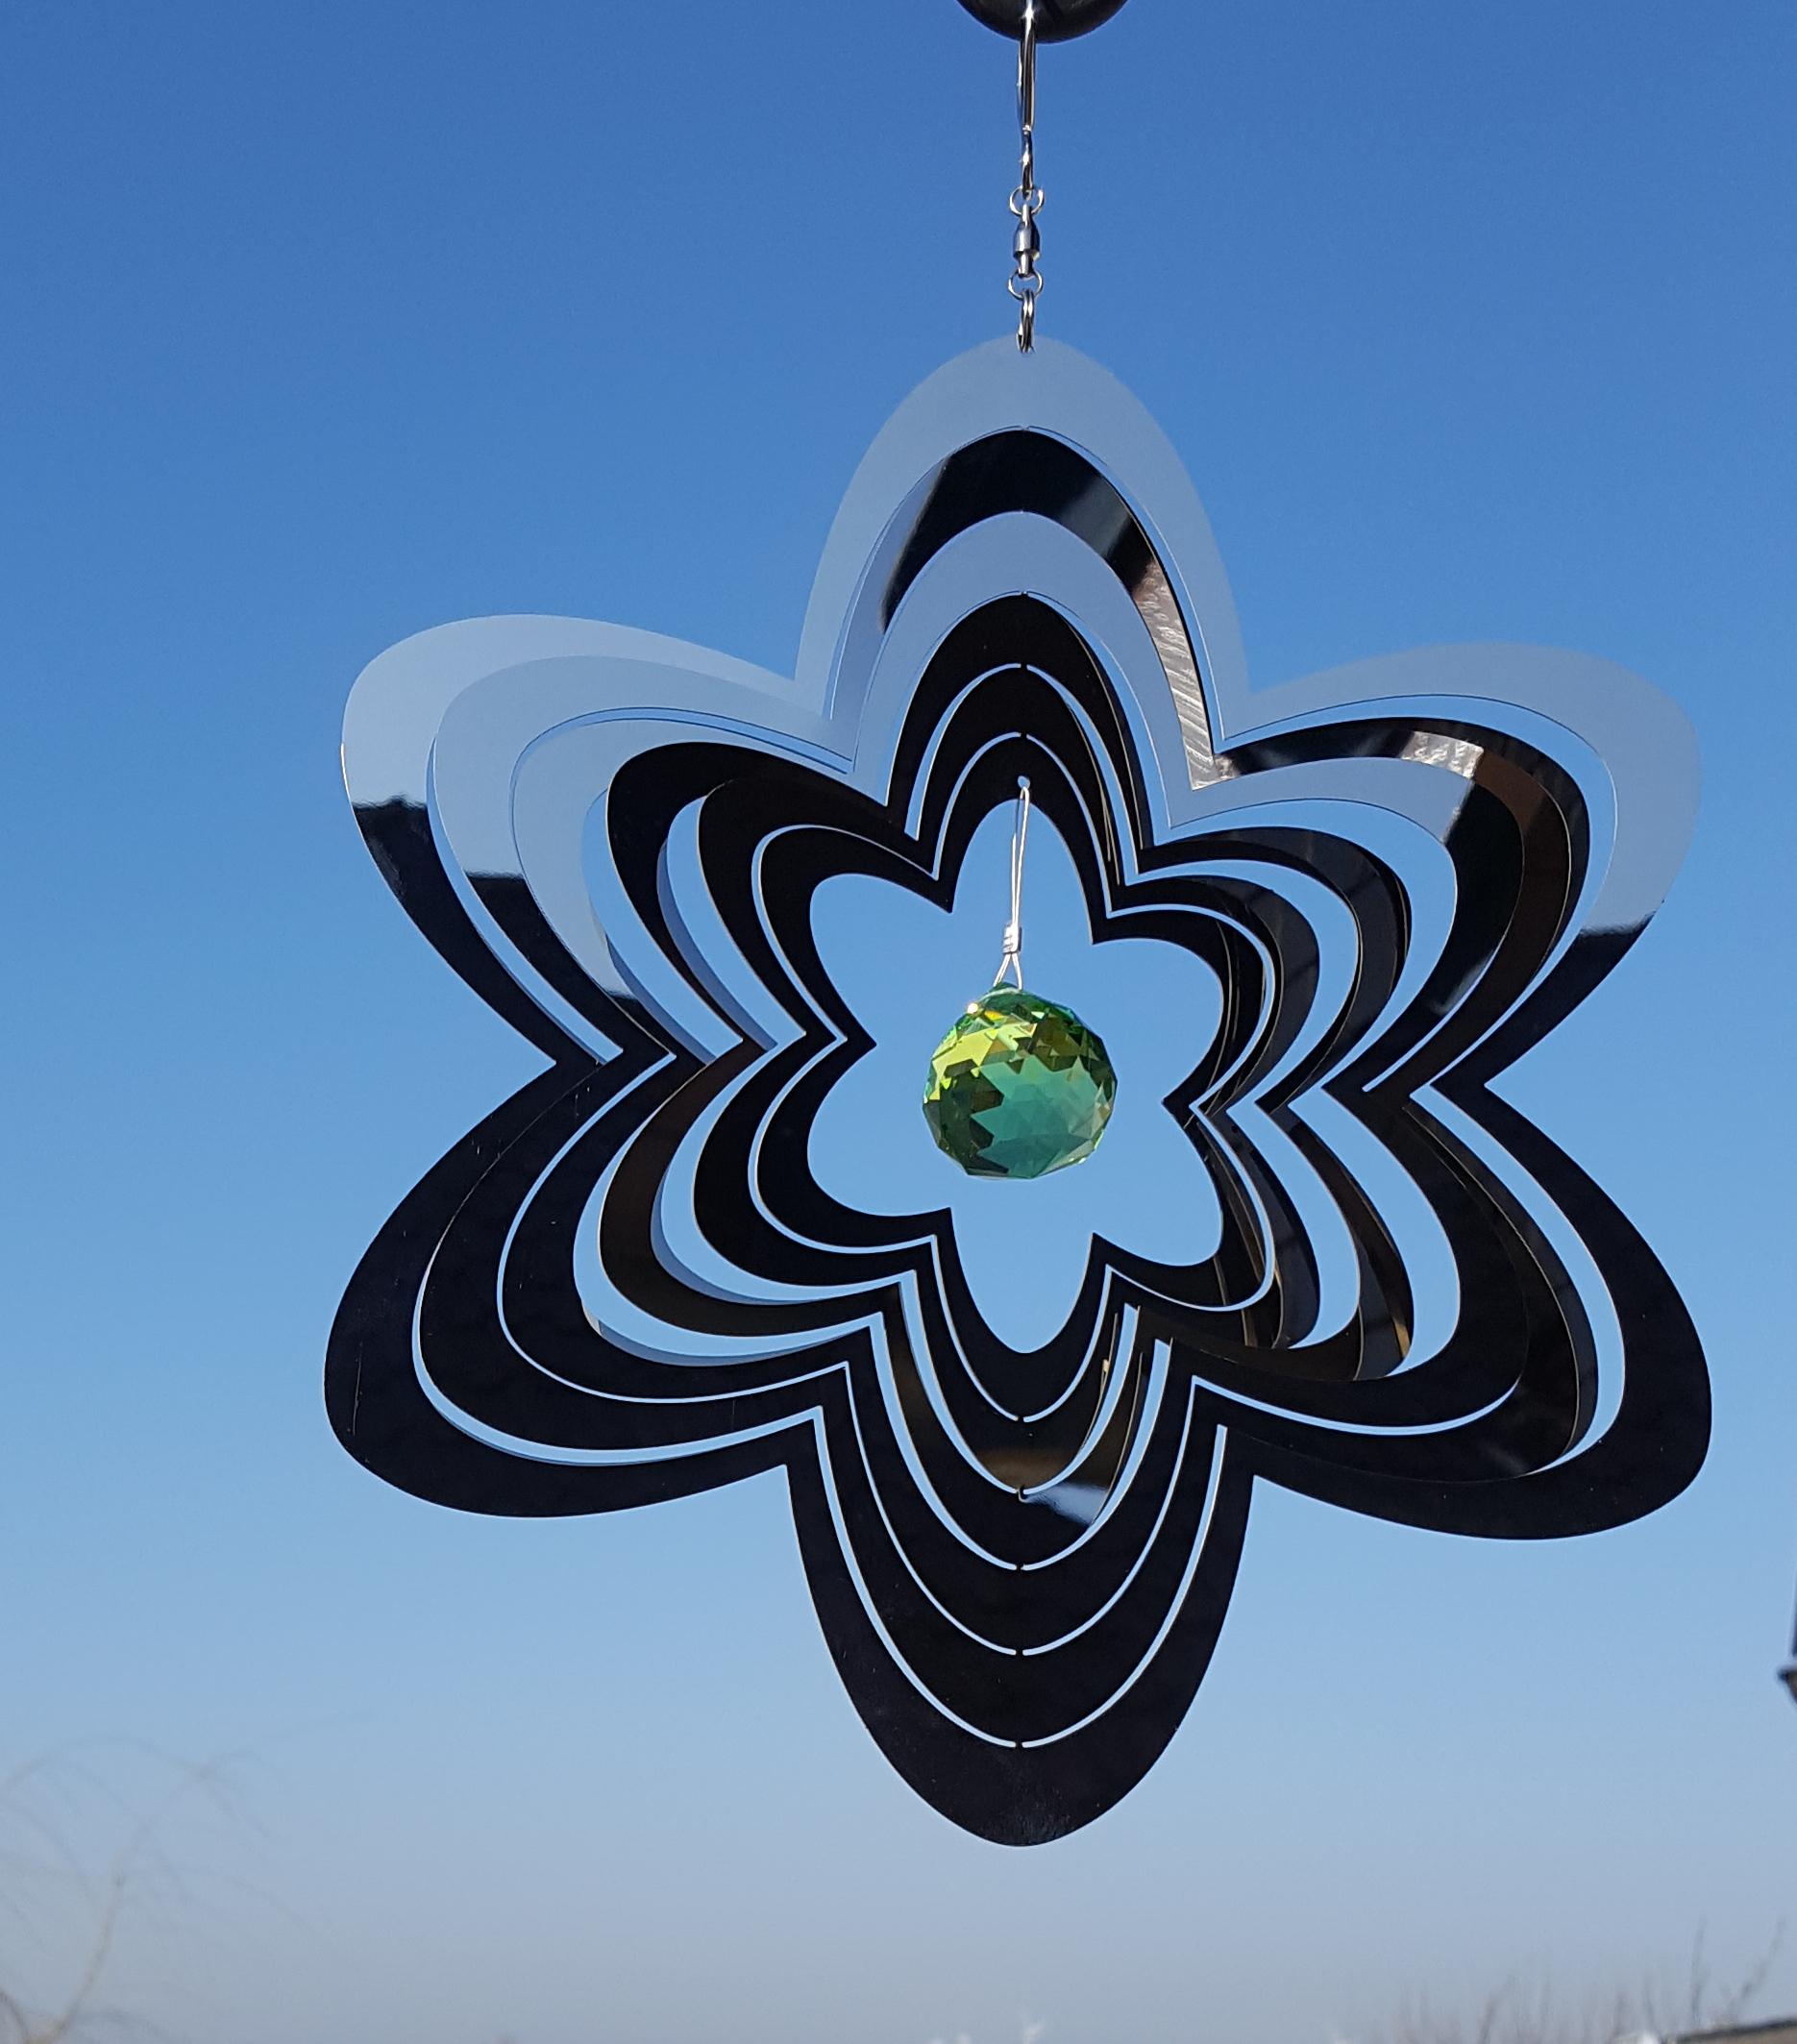 Haus und garten schmuck windspiel 3 d edelstahl mit for Windspiel edelstahl garten